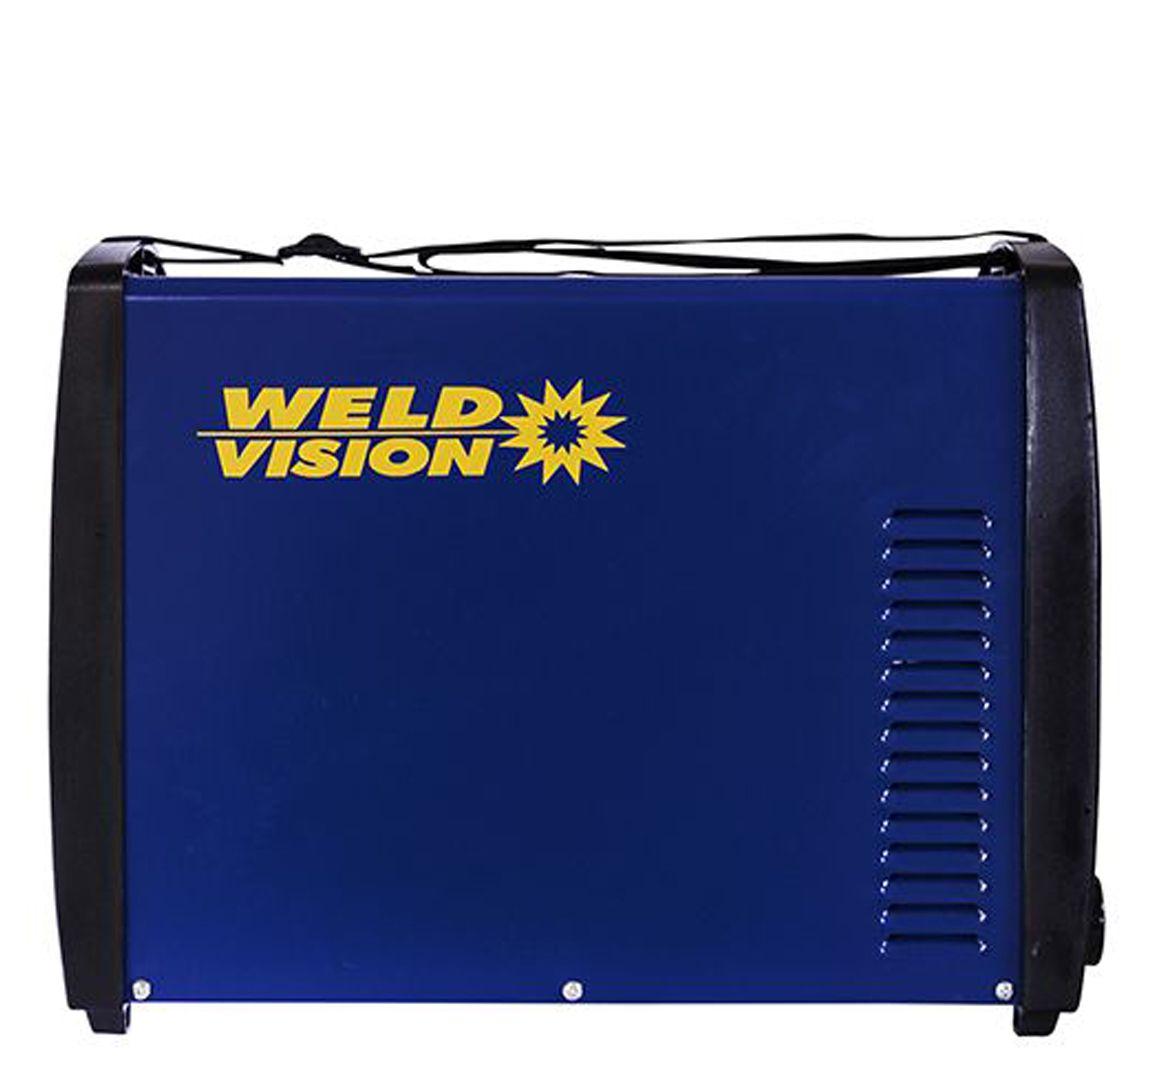 Inversora de solda TIG Challenger 250 Pulse com 250A  Weld Vision